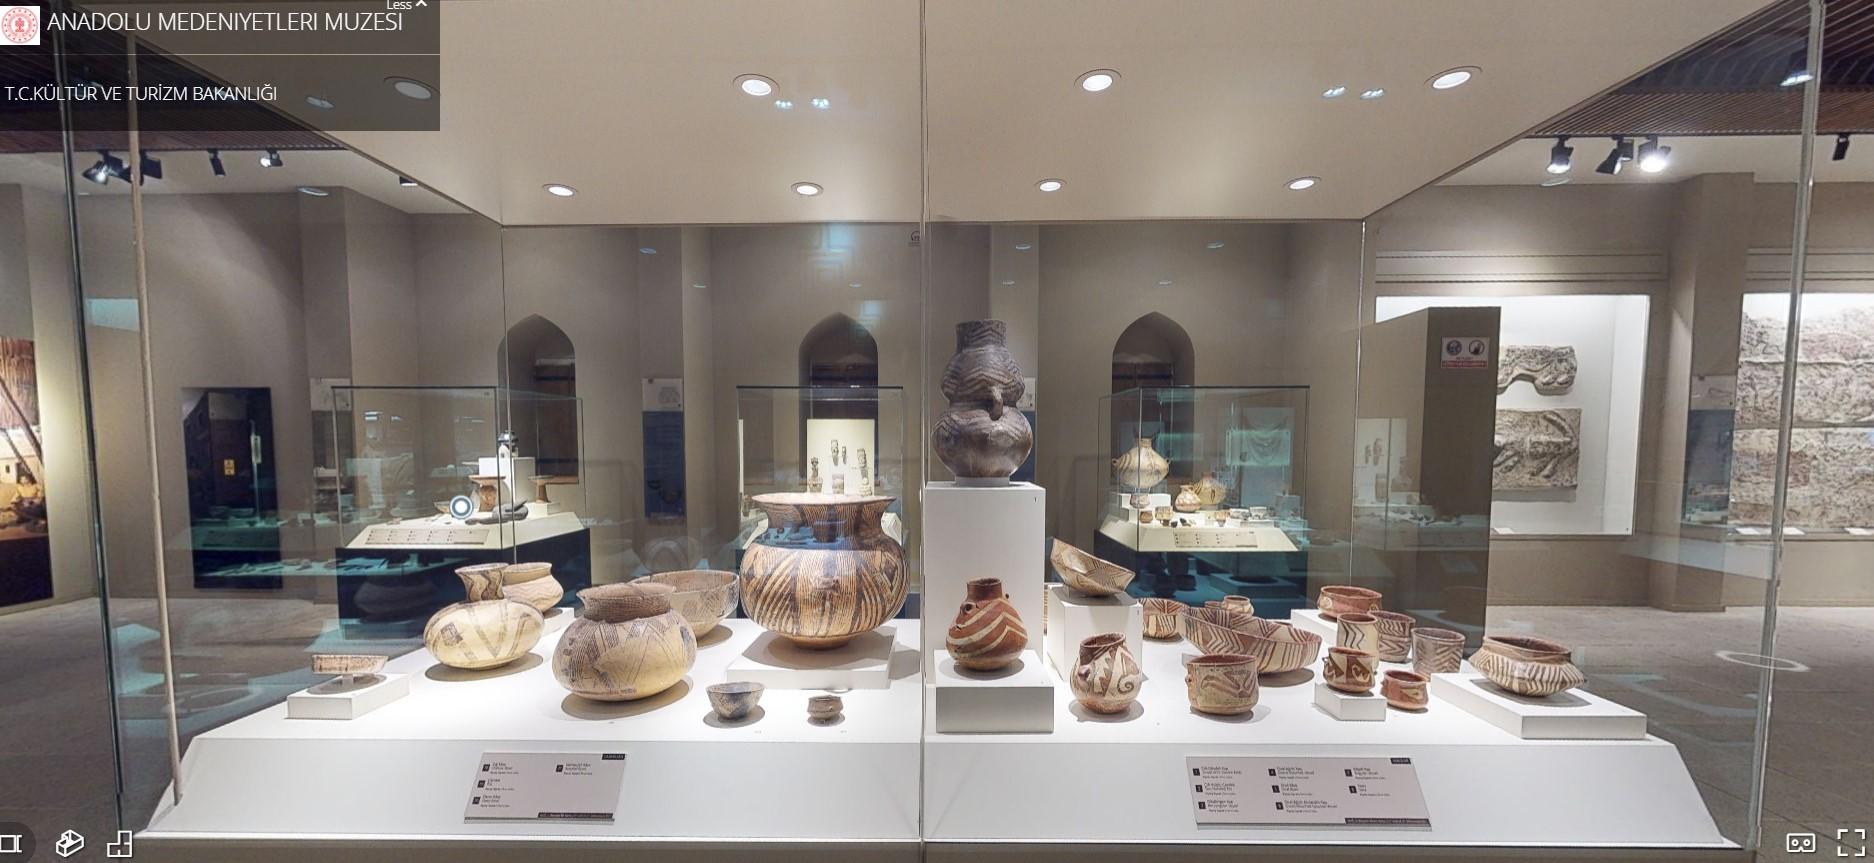 Anatolian Civilizations Museum (1)